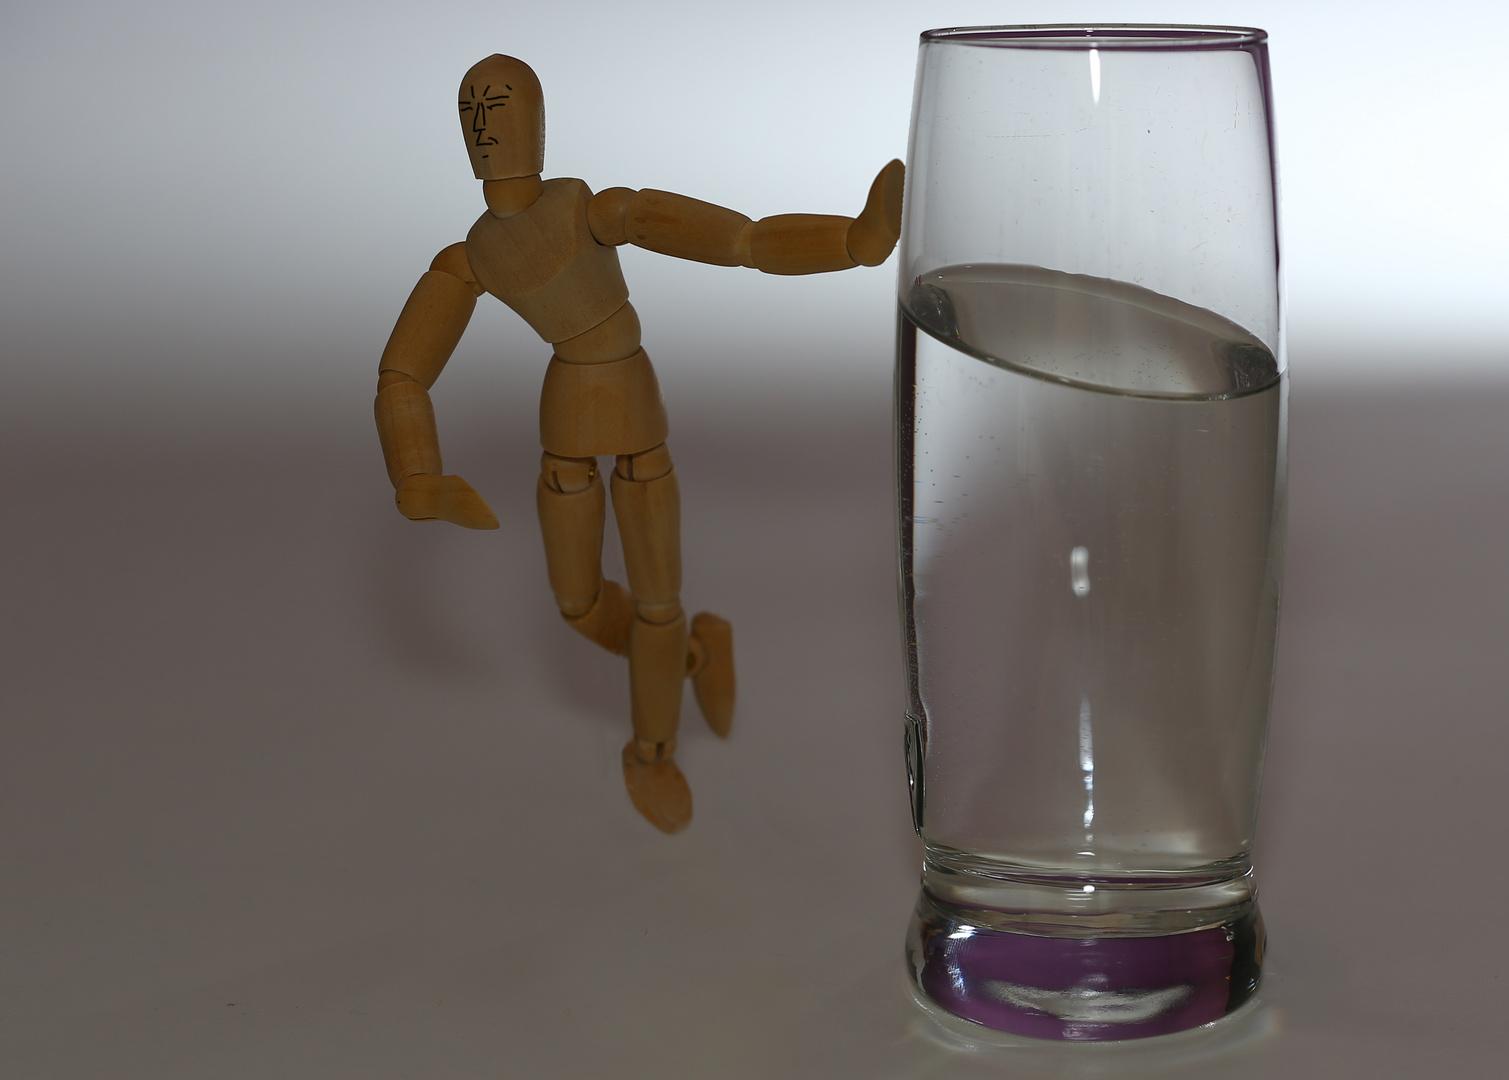 Ein Glaswasser im stehen.